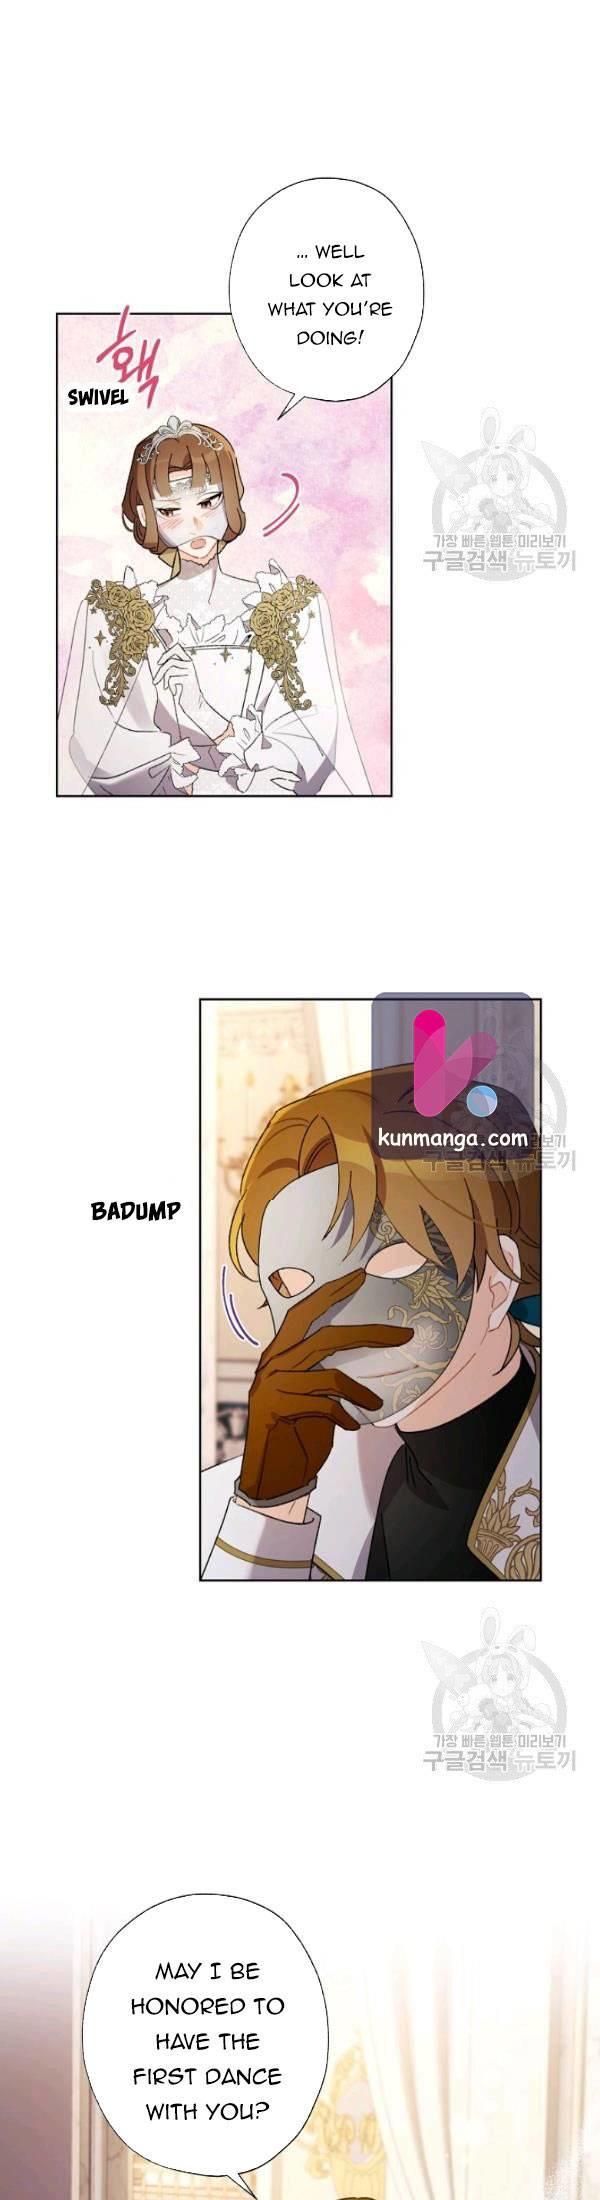 I Raised Cinderella Preciously Chapter 41.5 page 8 - Mangakakalots.com